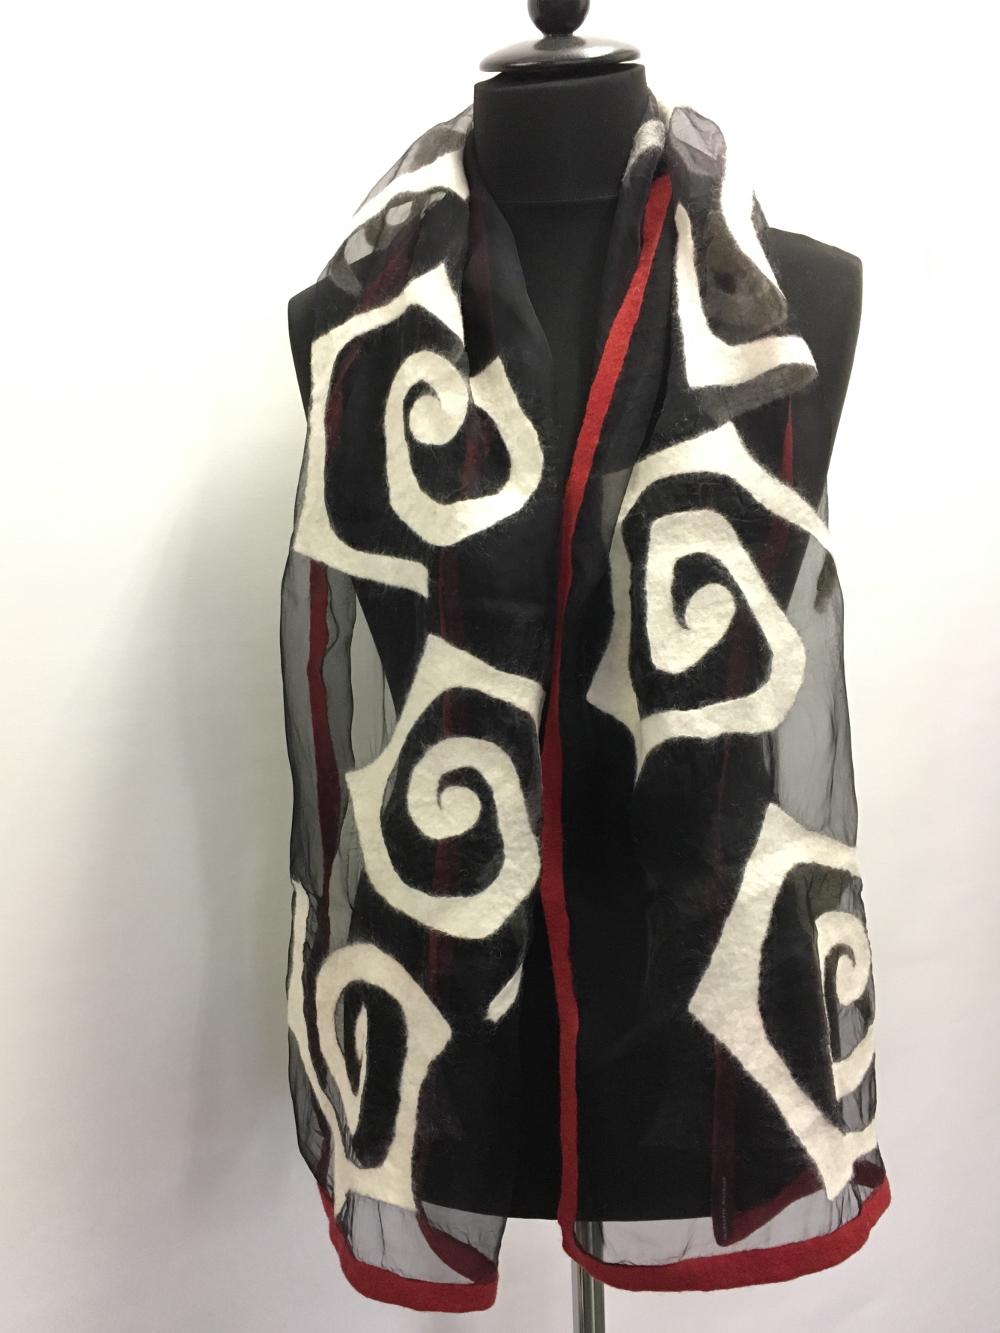 Chique stola zijdeorganza afgewerkt met vilt zwart wit rood Charlotte Molenaar Art.toWear